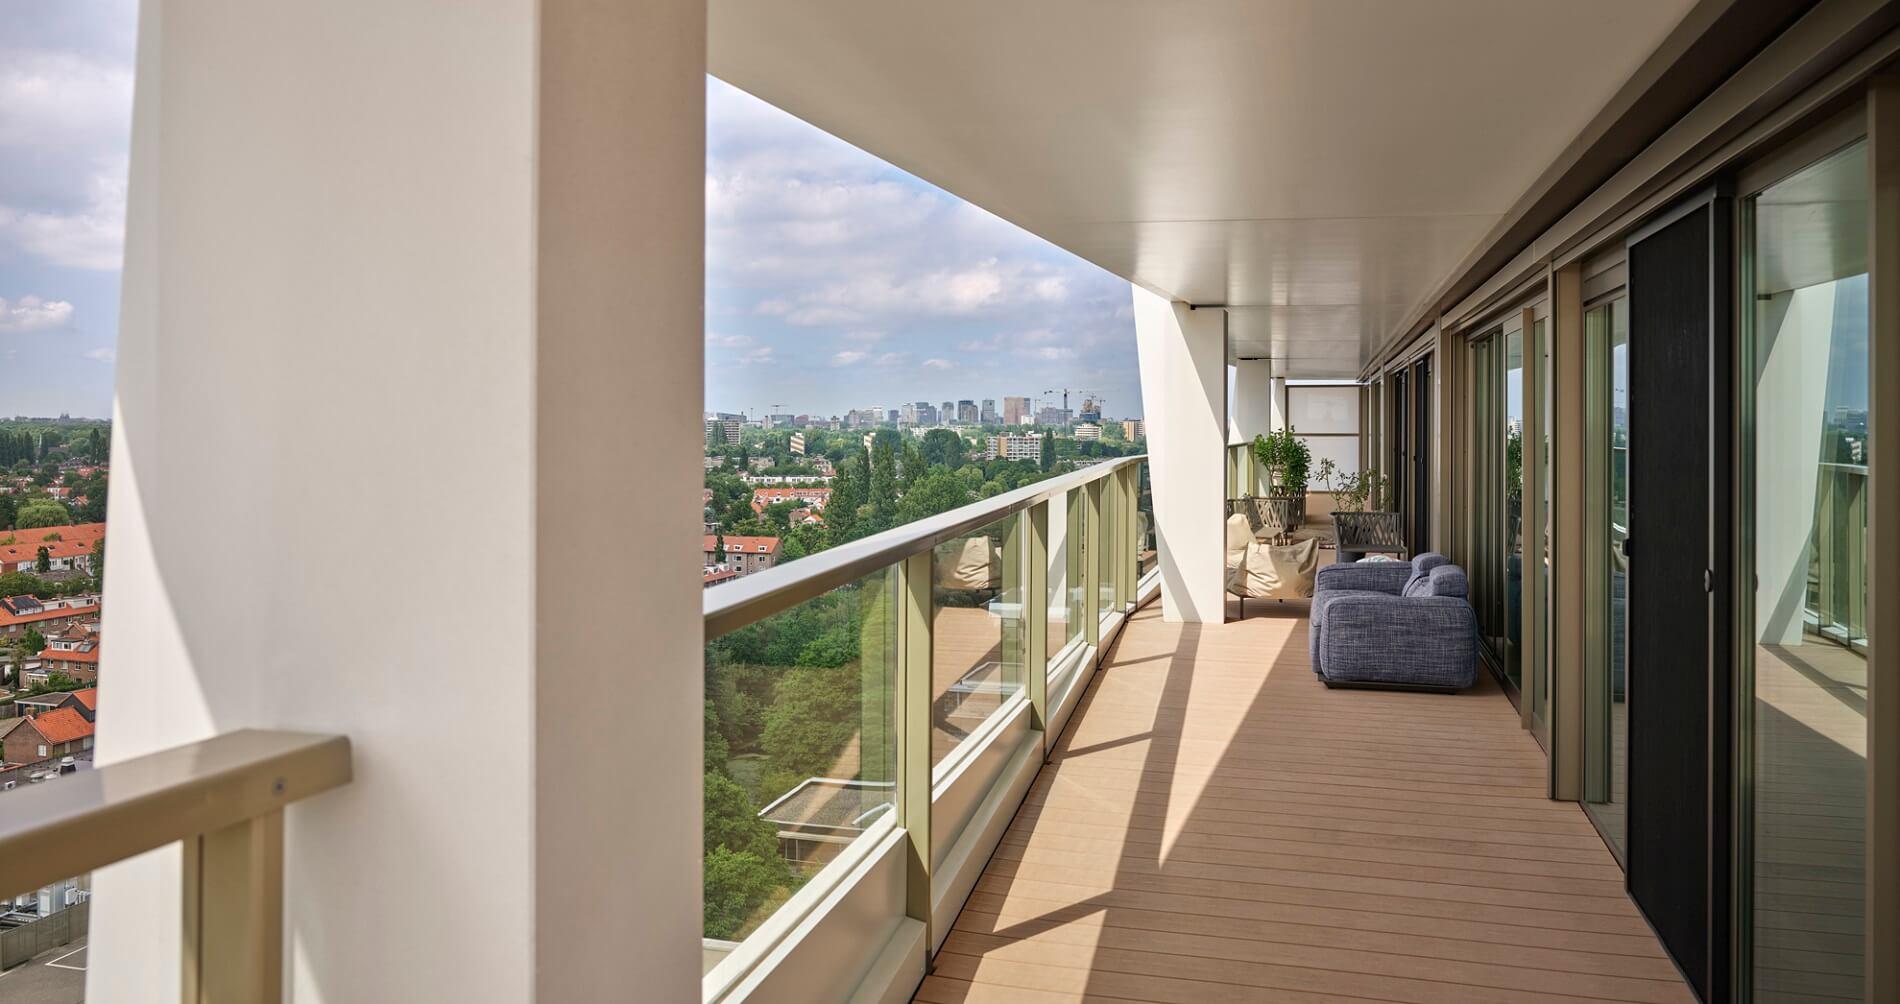 Balkon van Up Mountain Amstelveen door Rijnboutt van fotograaf Kees Hummel